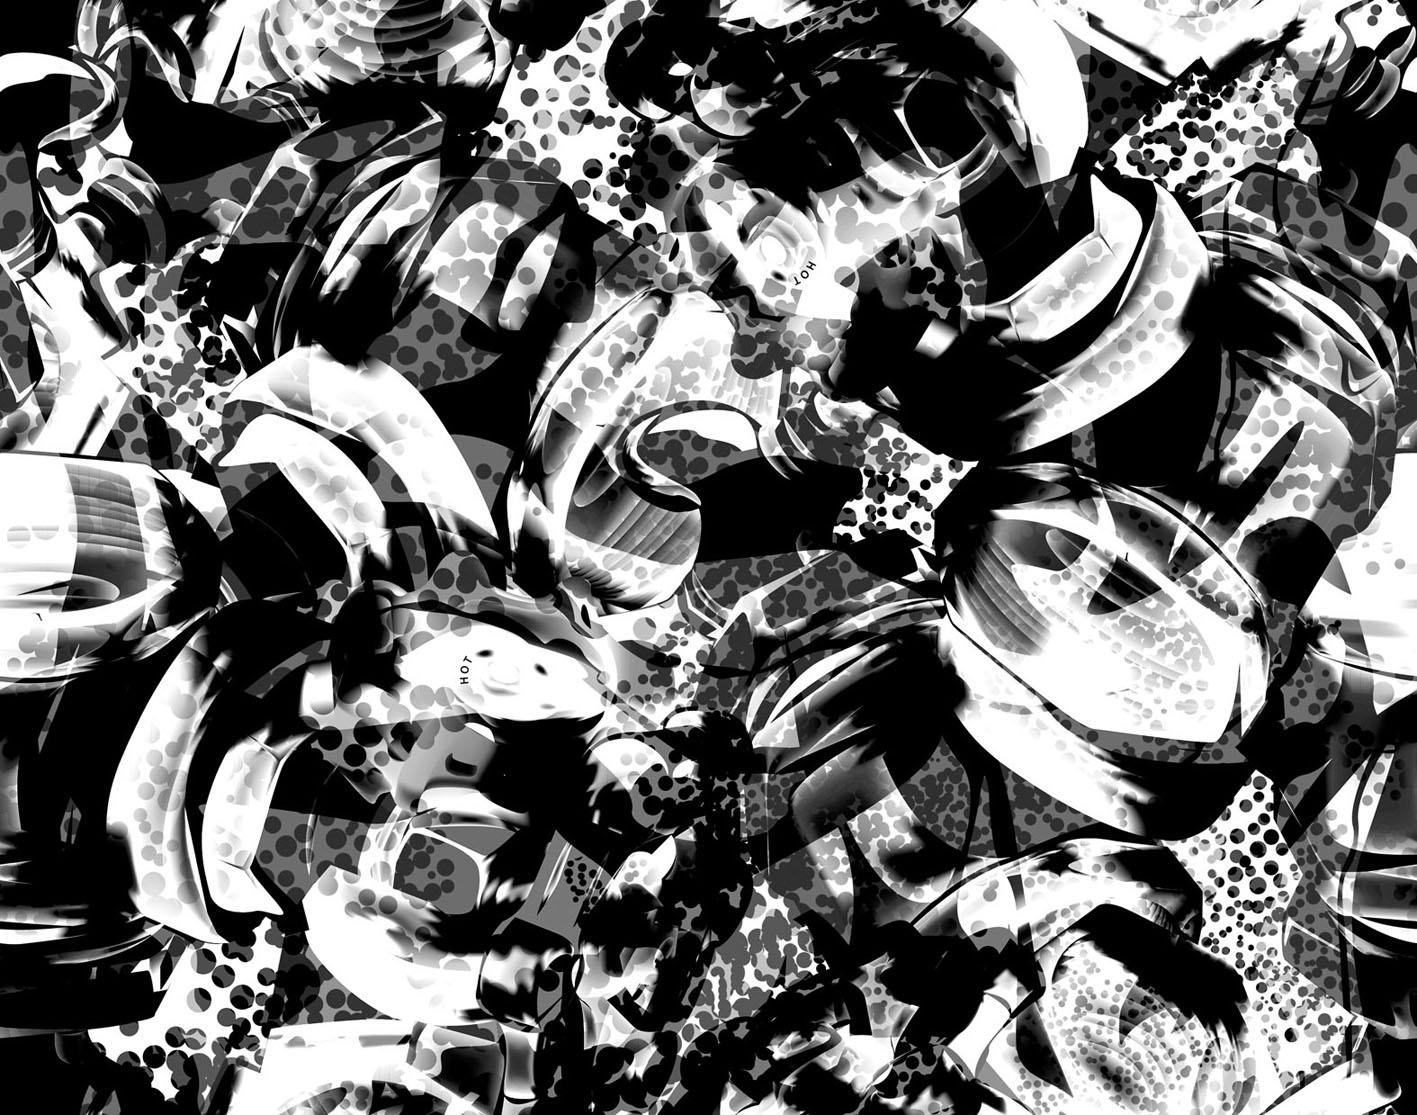 Black/White Camo